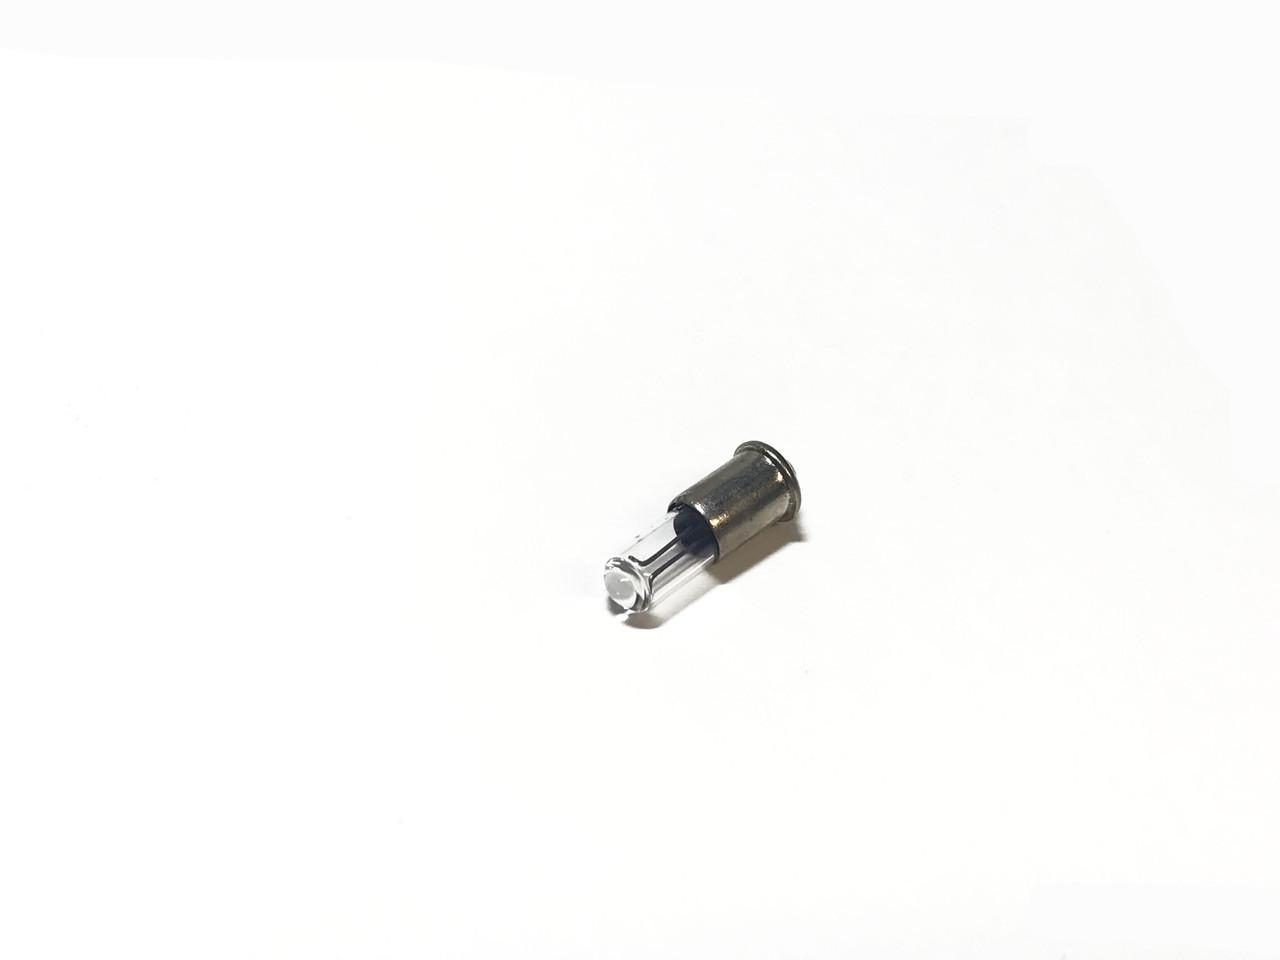 Genuine BMW Key Fob Bulb for Illuminated Key 51211935001